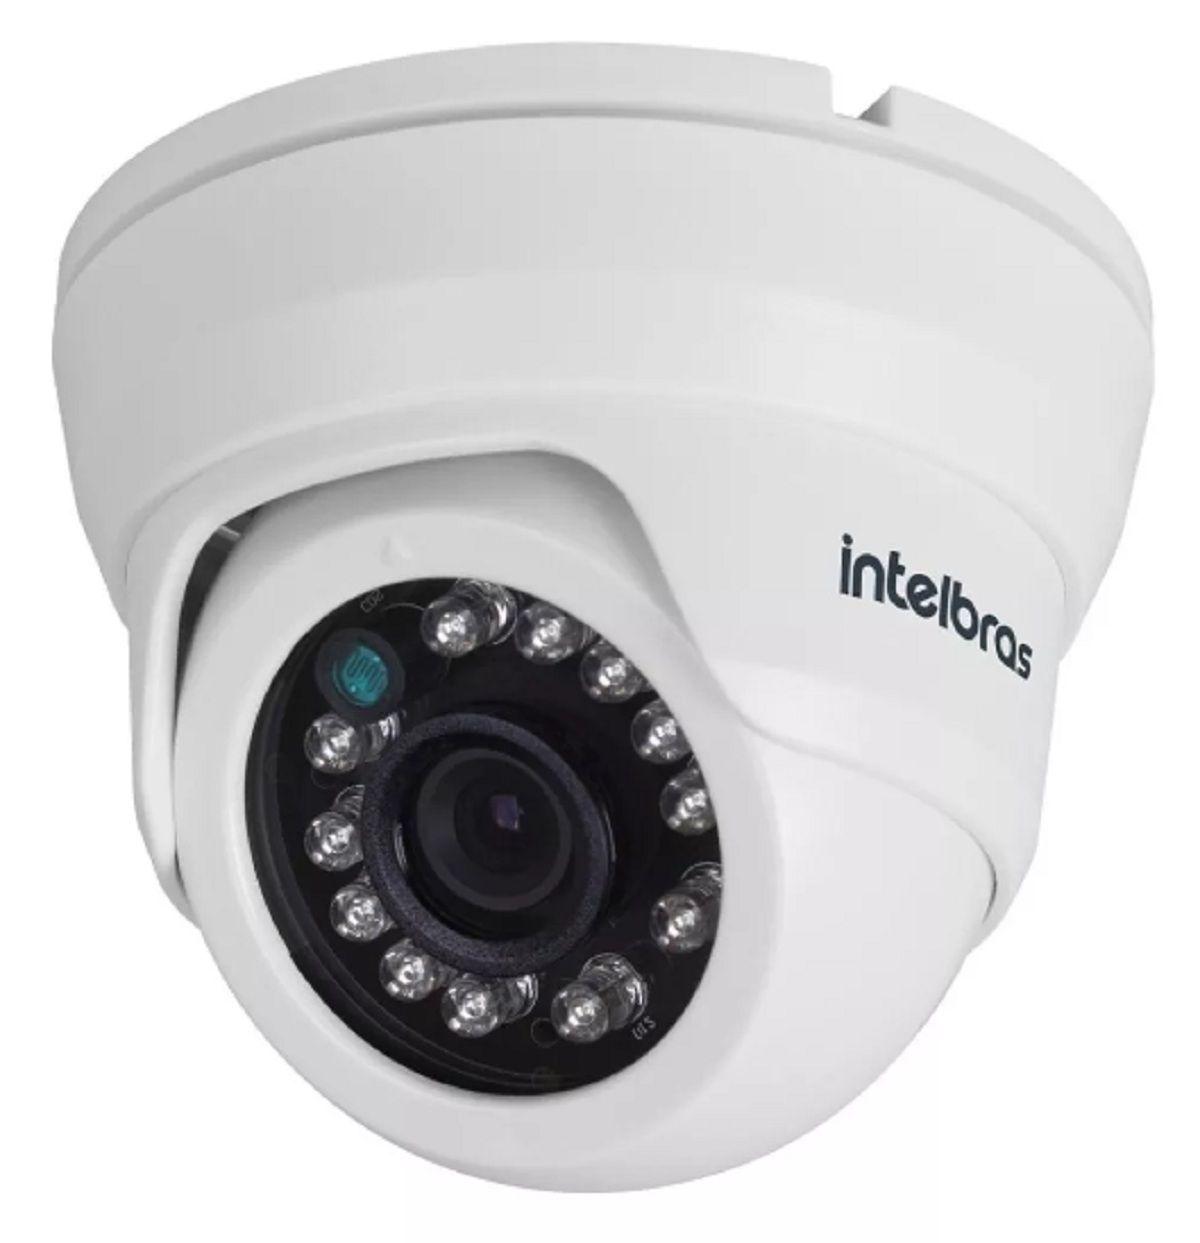 Kit Vídeo Porteiro Intelbras Iv7010 Com 4 Cameras E Extensão